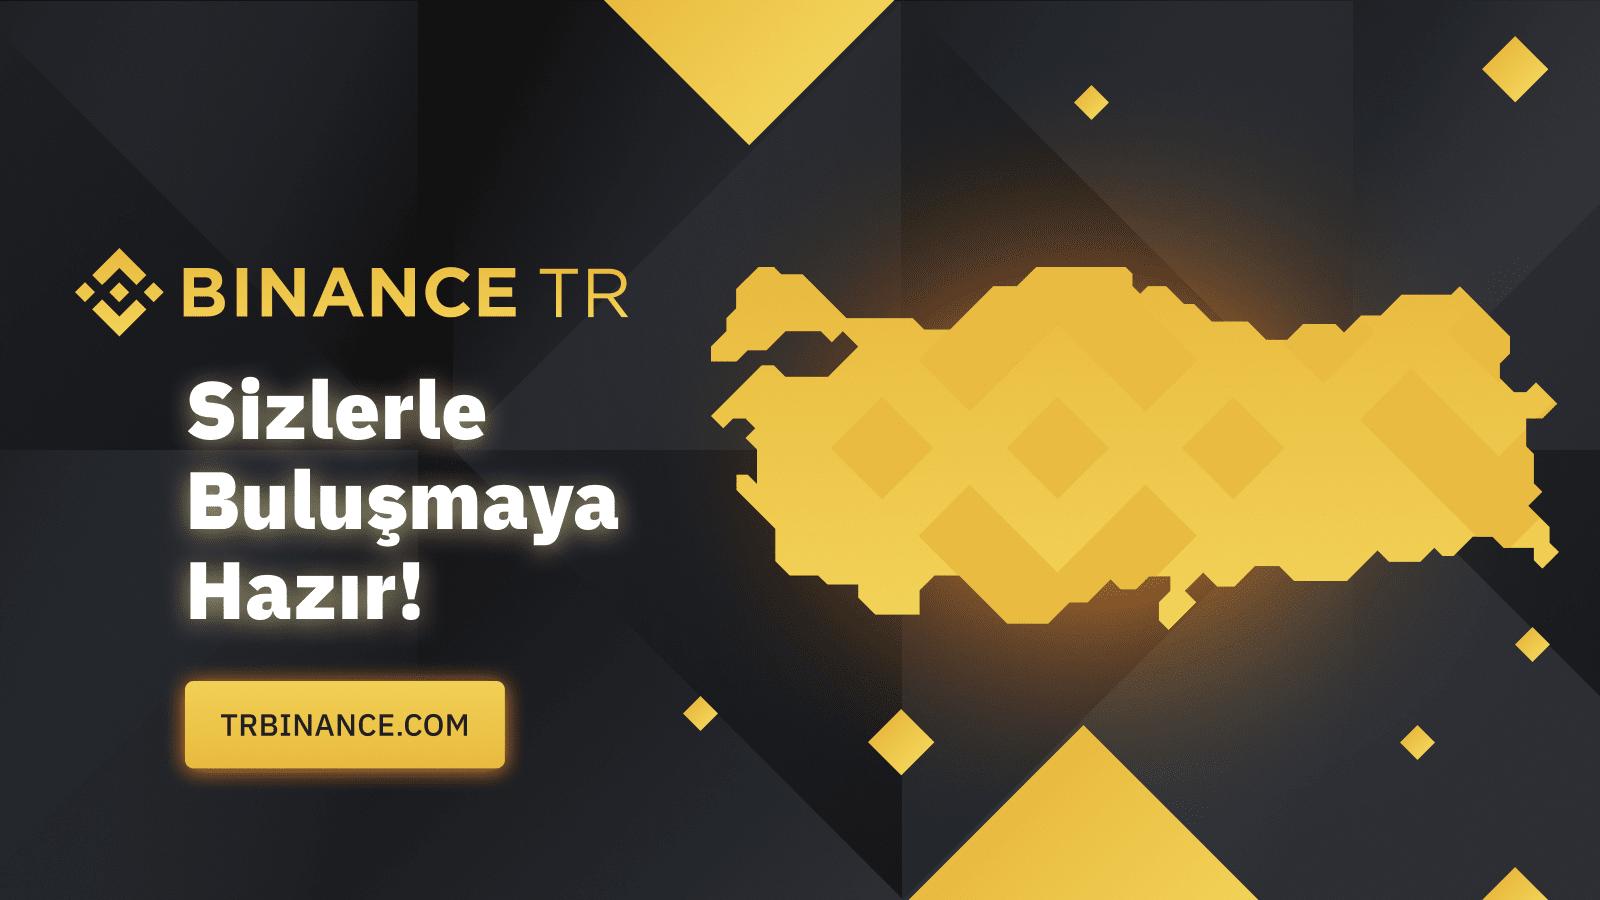 Binance TR ve Binance Arasındaki Fark Nedir 1 - Binance TR ve Binance Arasindaki Fark Nedir 4